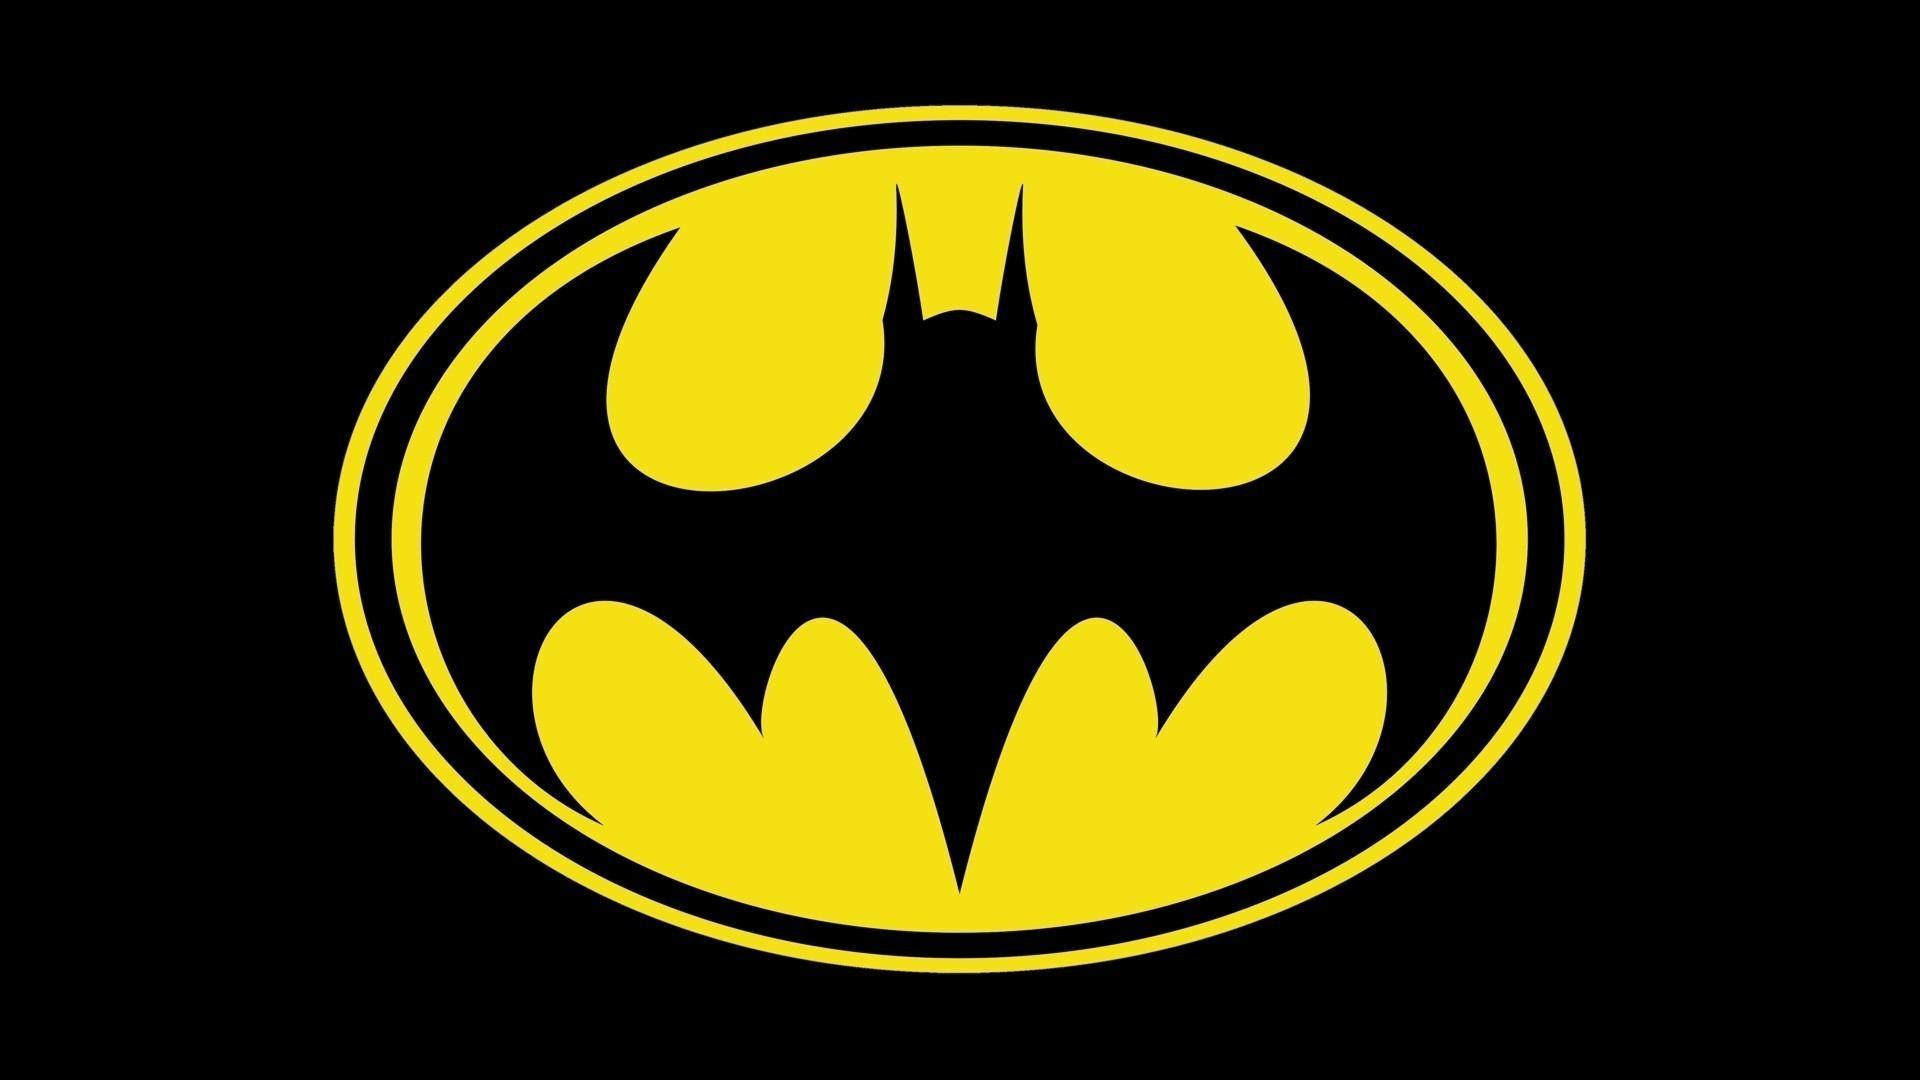 wallpaper.wiki-Desktop-Batman-Logo-Backgrounds-PIC-WPE0011851